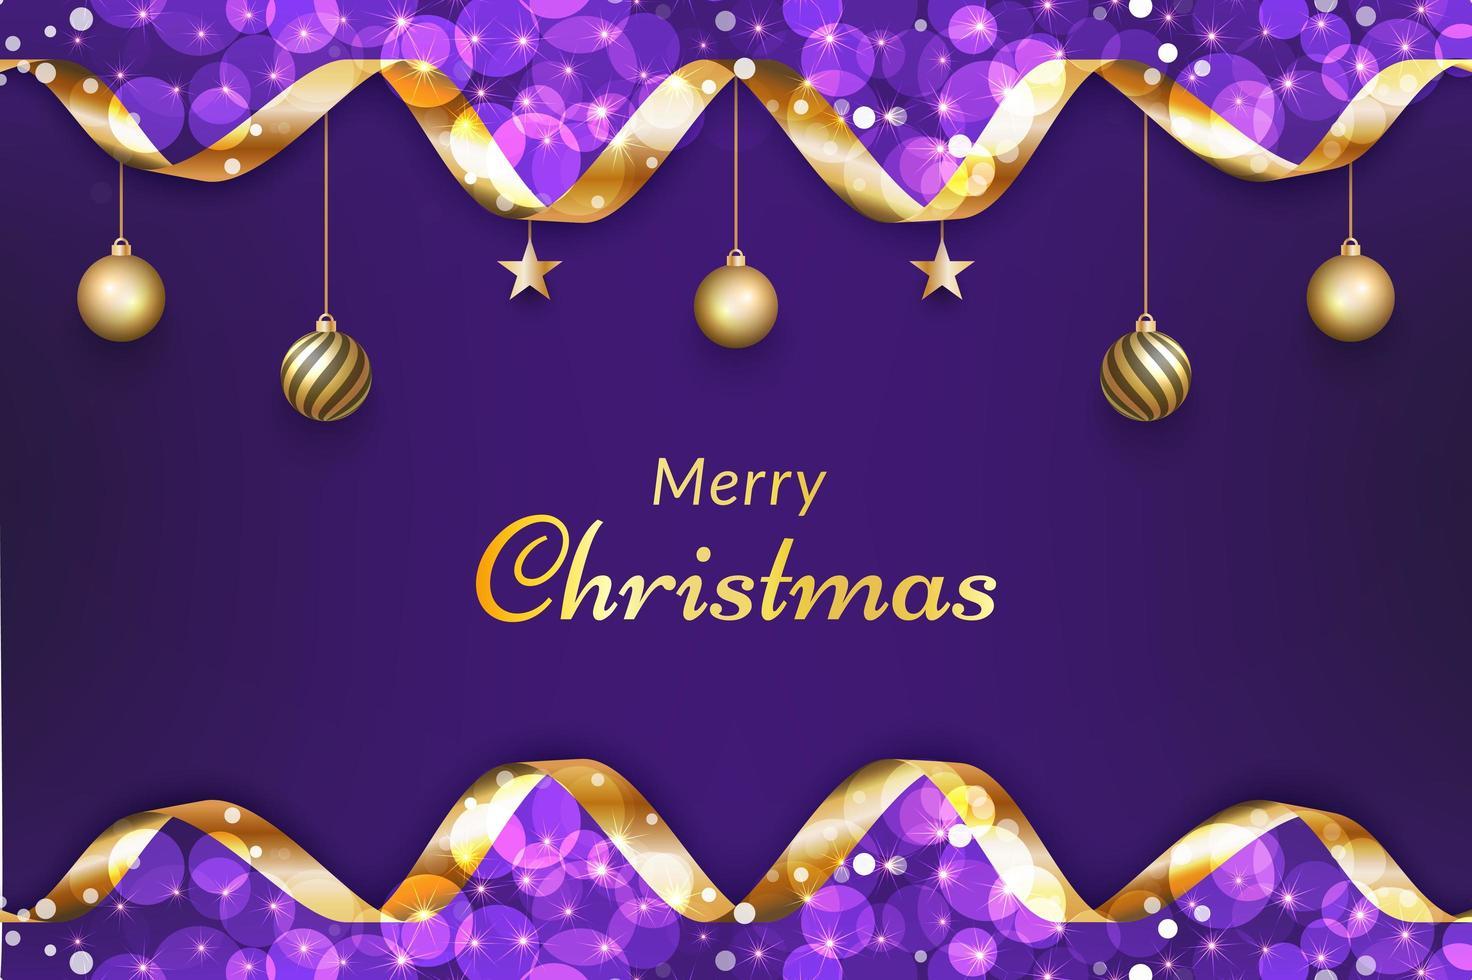 lila frohe Weihnachten Hintergrund vektor